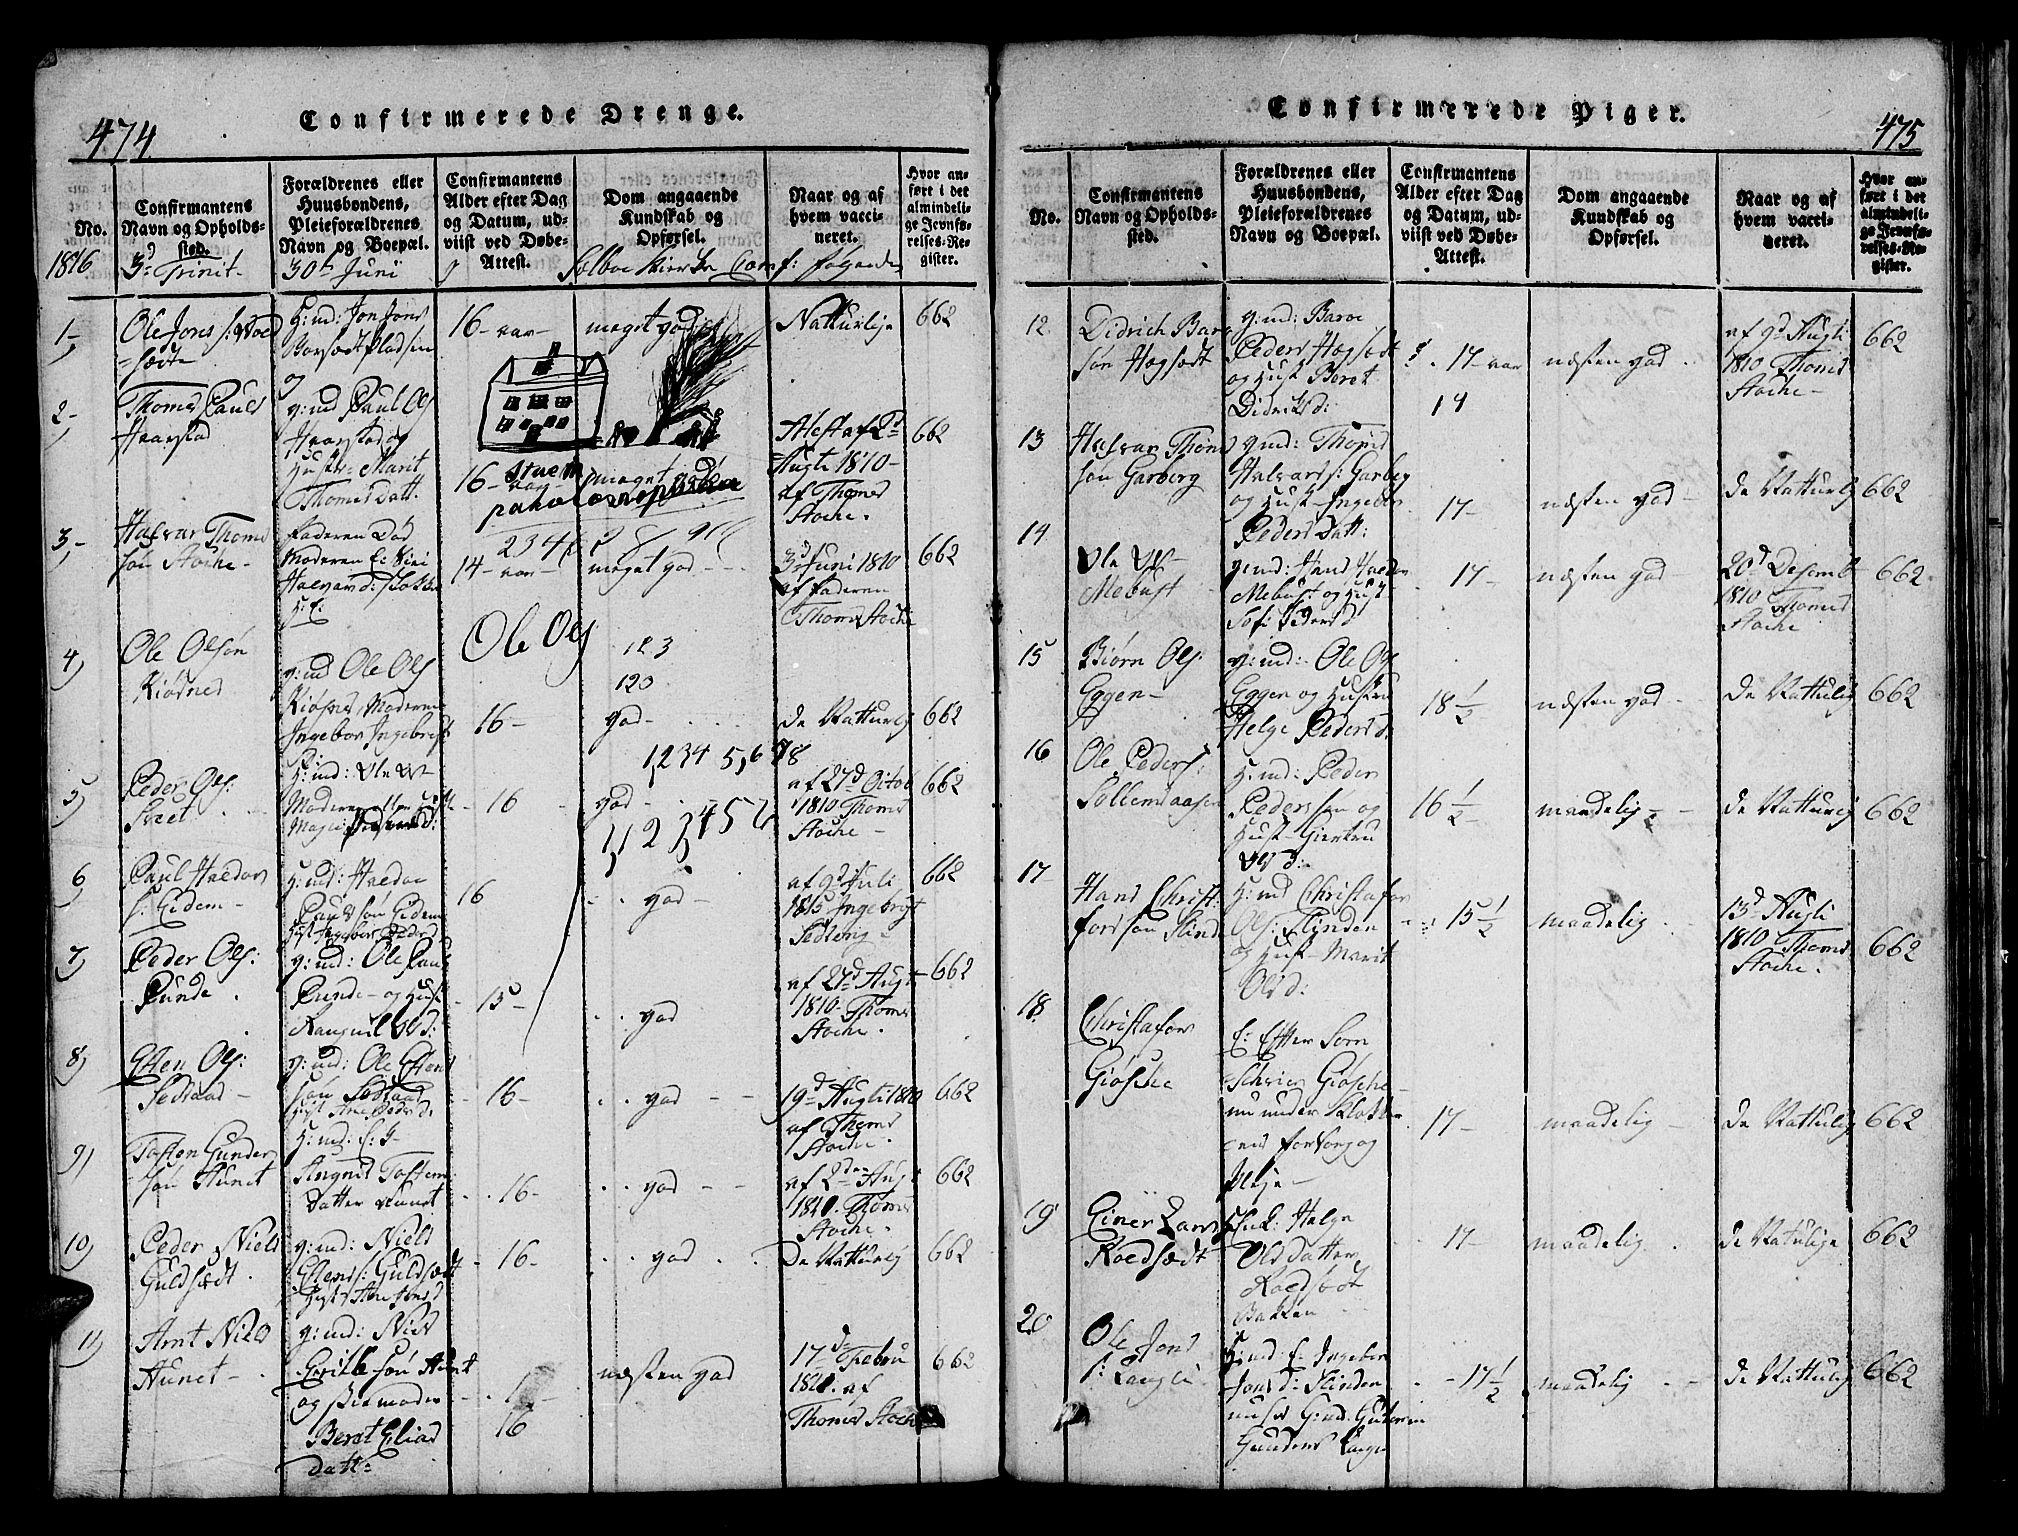 SAT, Ministerialprotokoller, klokkerbøker og fødselsregistre - Sør-Trøndelag, 695/L1152: Klokkerbok nr. 695C03, 1816-1831, s. 474-475